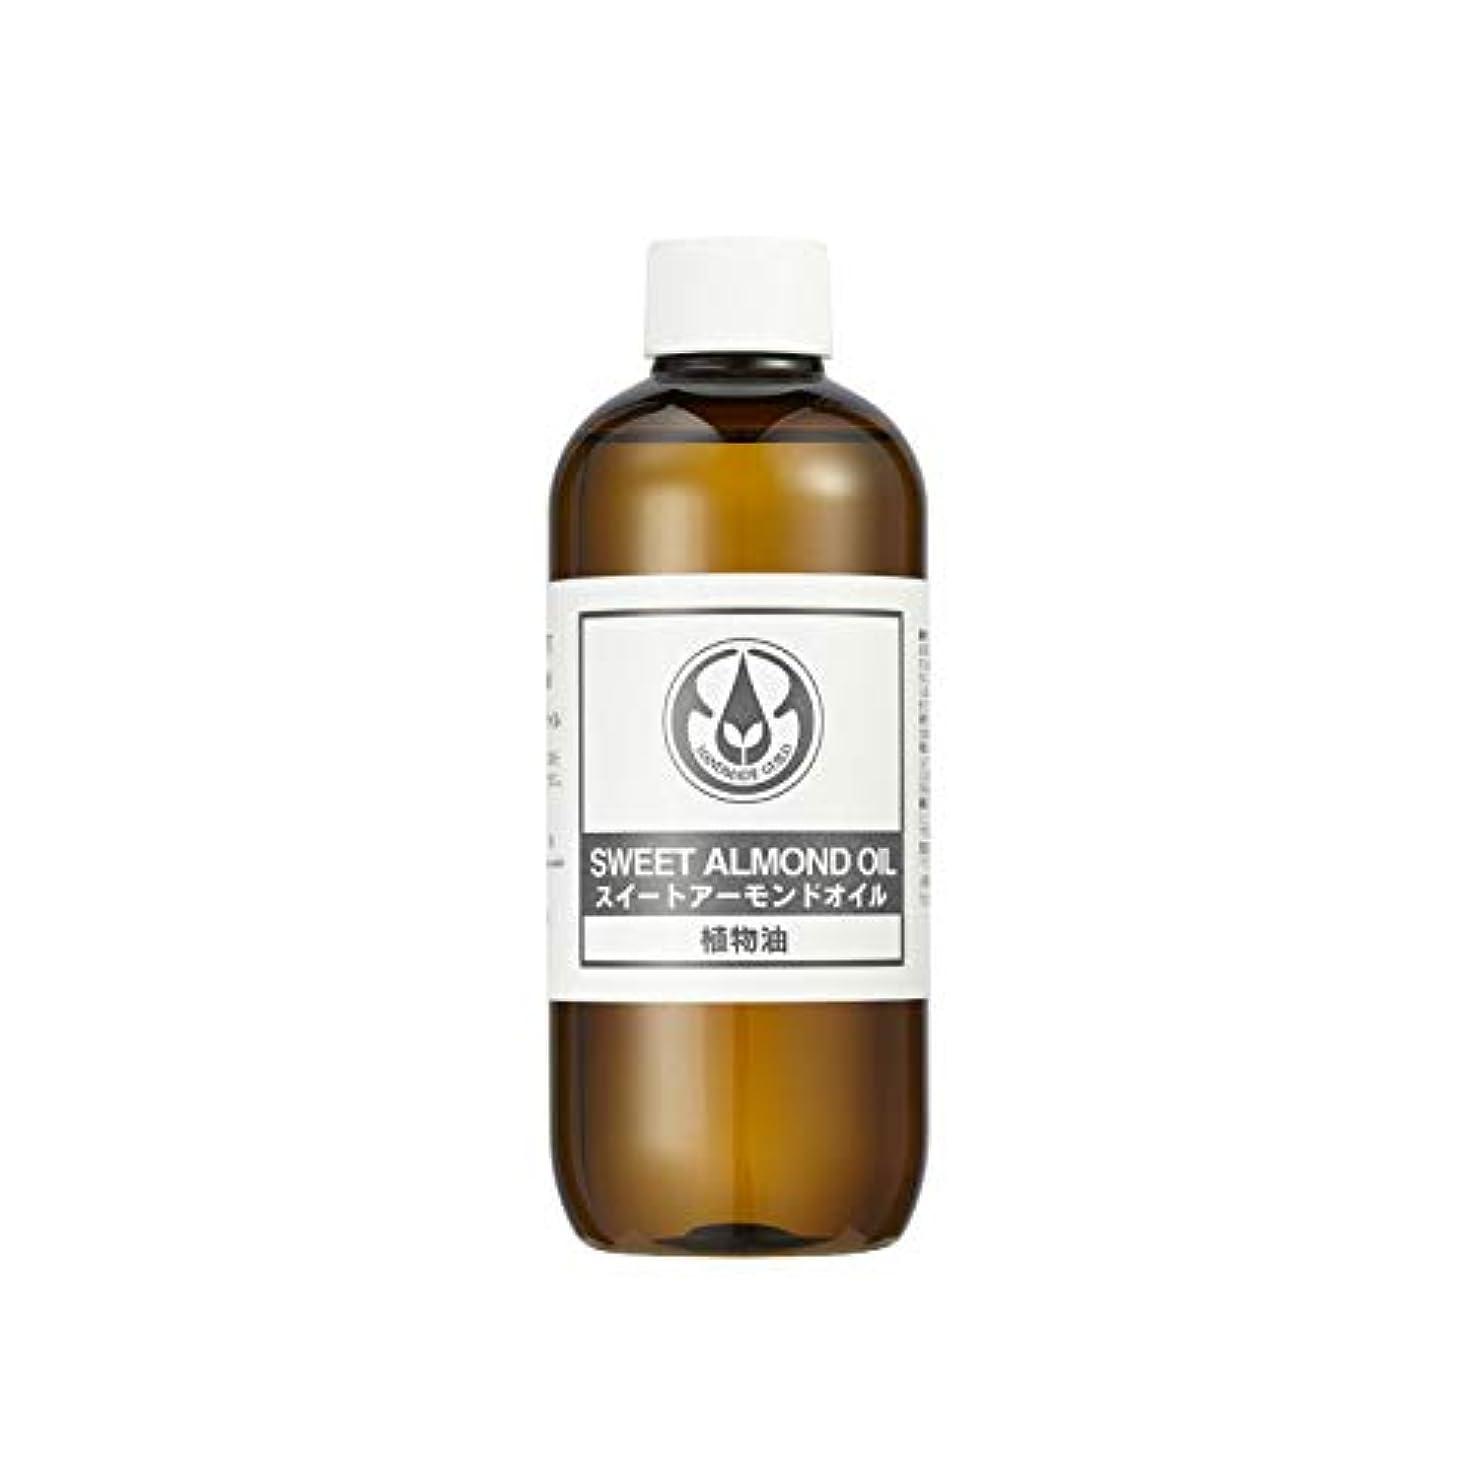 前売静かな過剰生活の木 スイート アーモンド油 250ml 2本